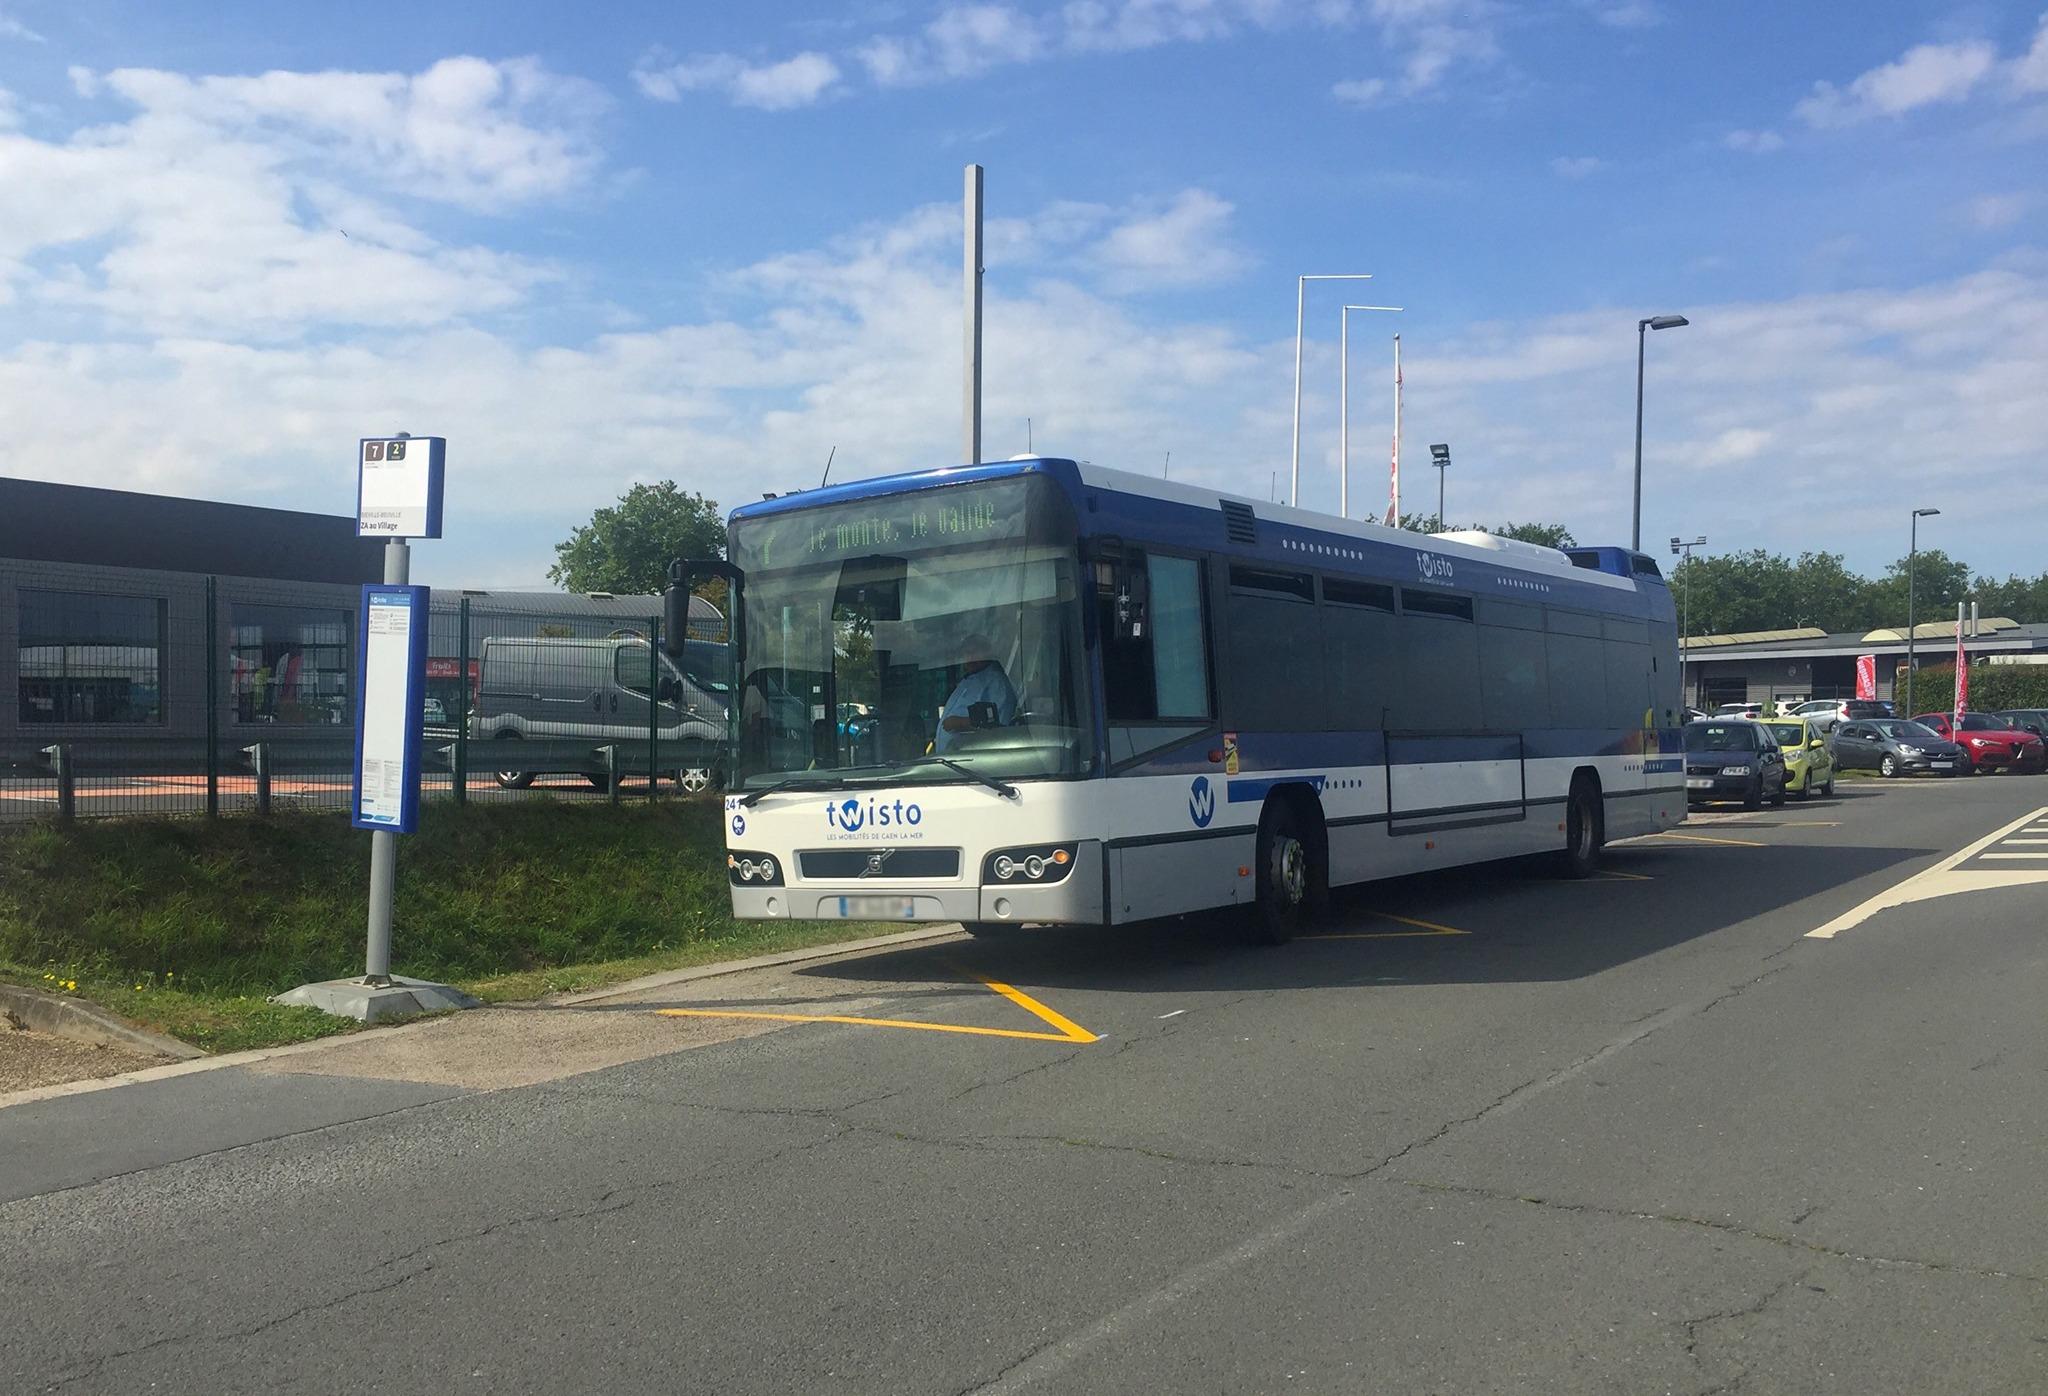 Ouverture d'une ligne de bus TWISTO au village à Biéville-Beuville.